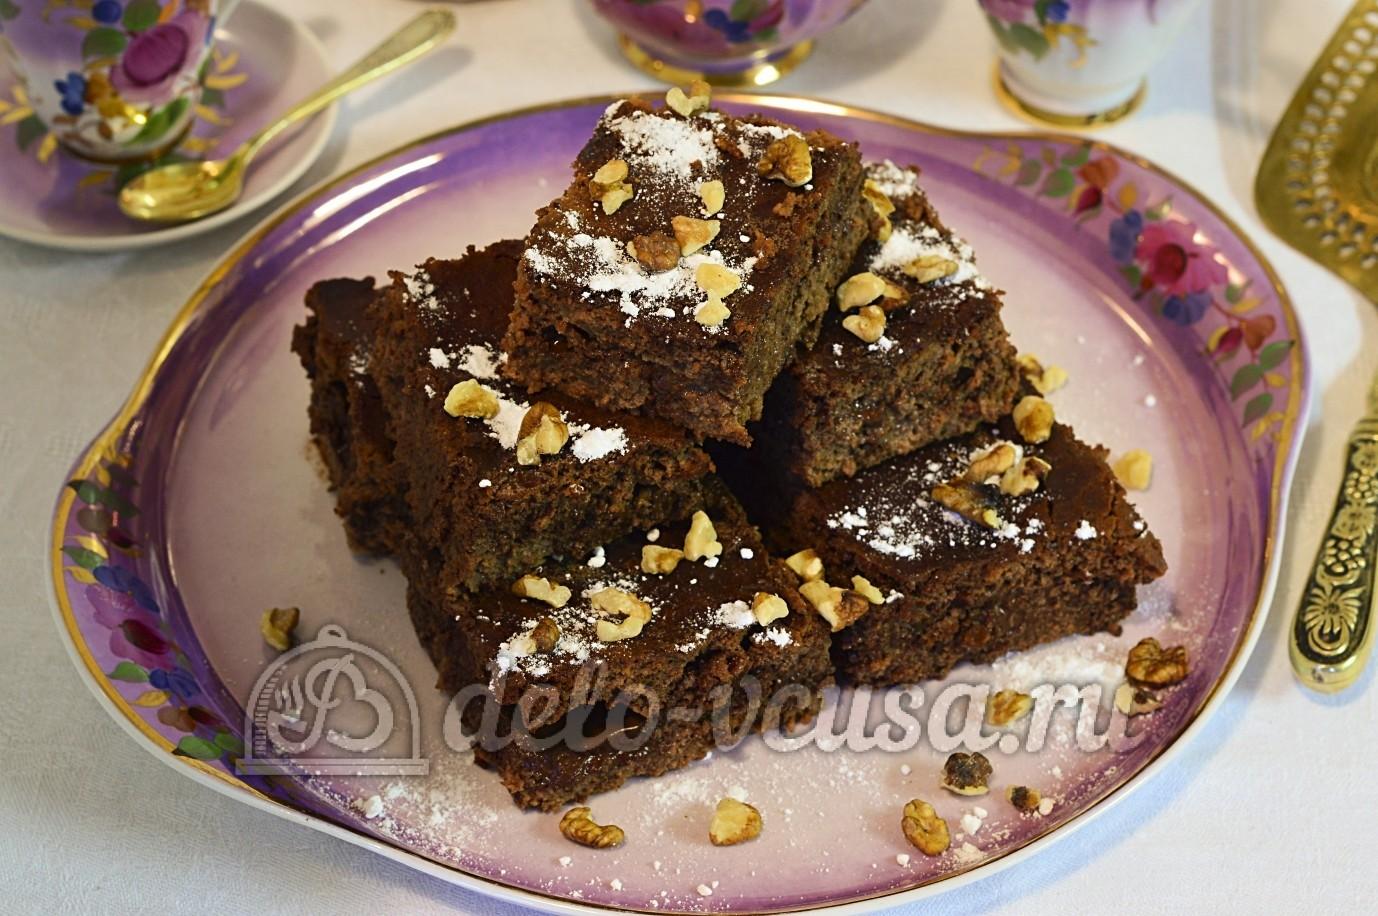 Шоколадный торт рецепт в мультиварке с фото пошагово в